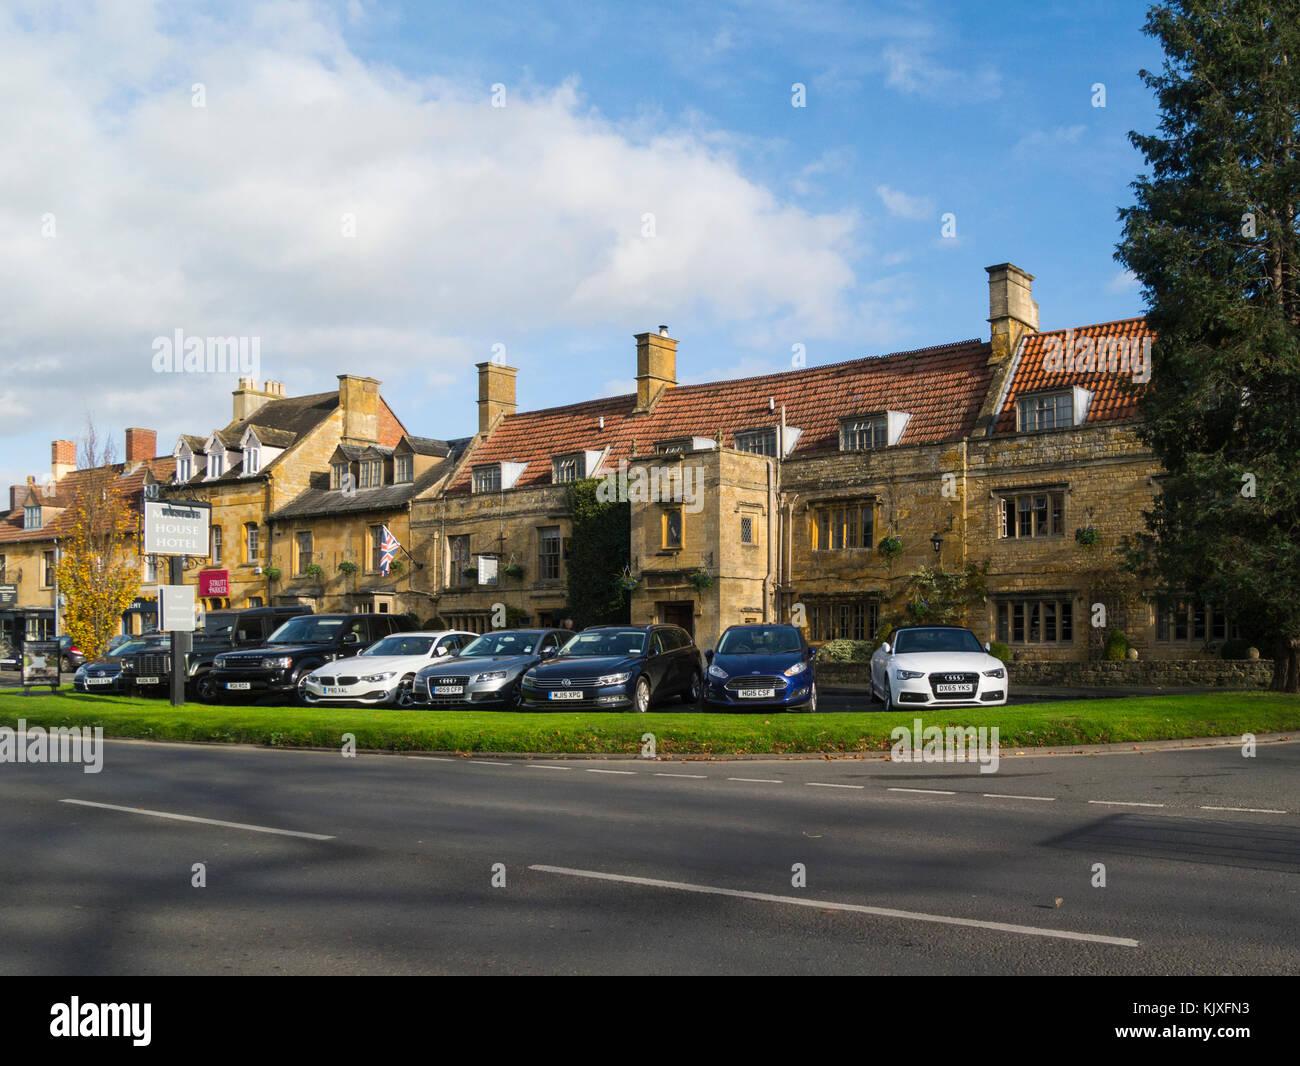 Manor House Hotel Moreton